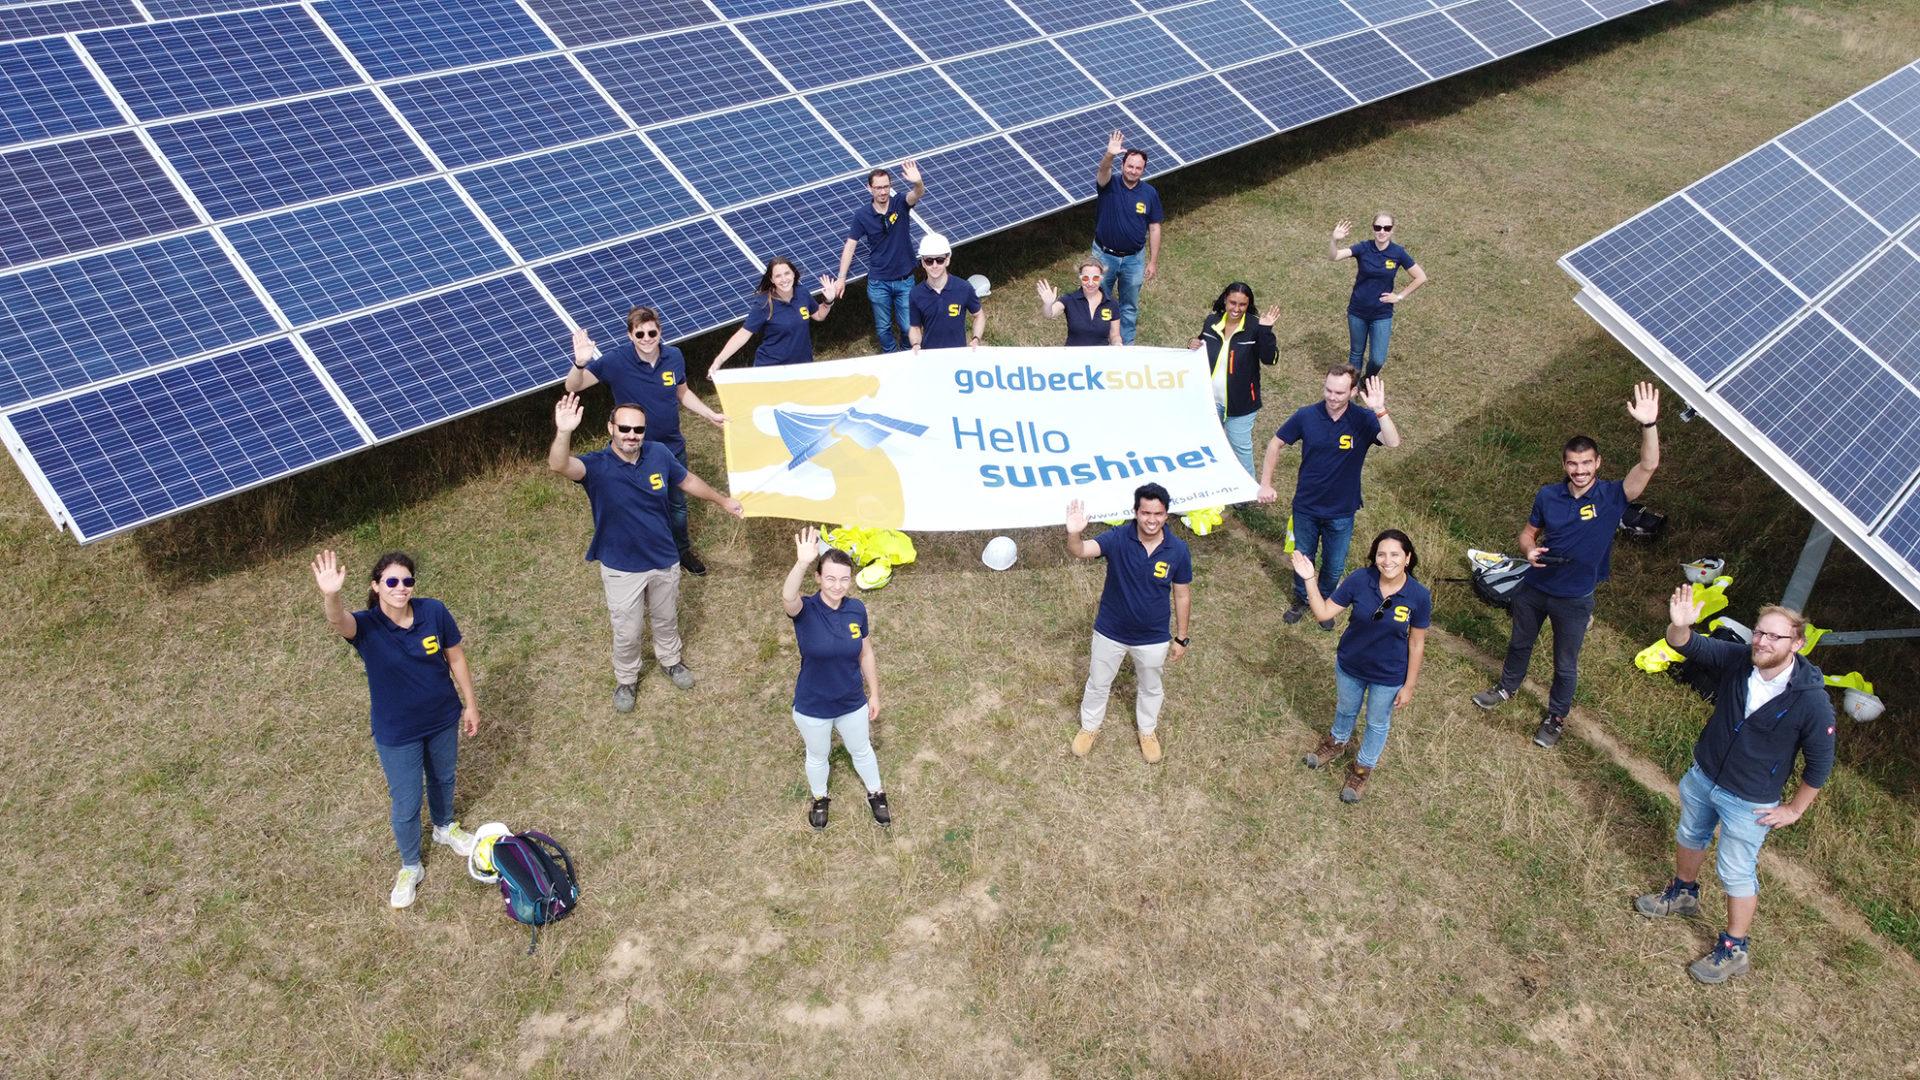 Mitarbeiter von Goldbeck Solar mit einem Banner mi der Aufschrift